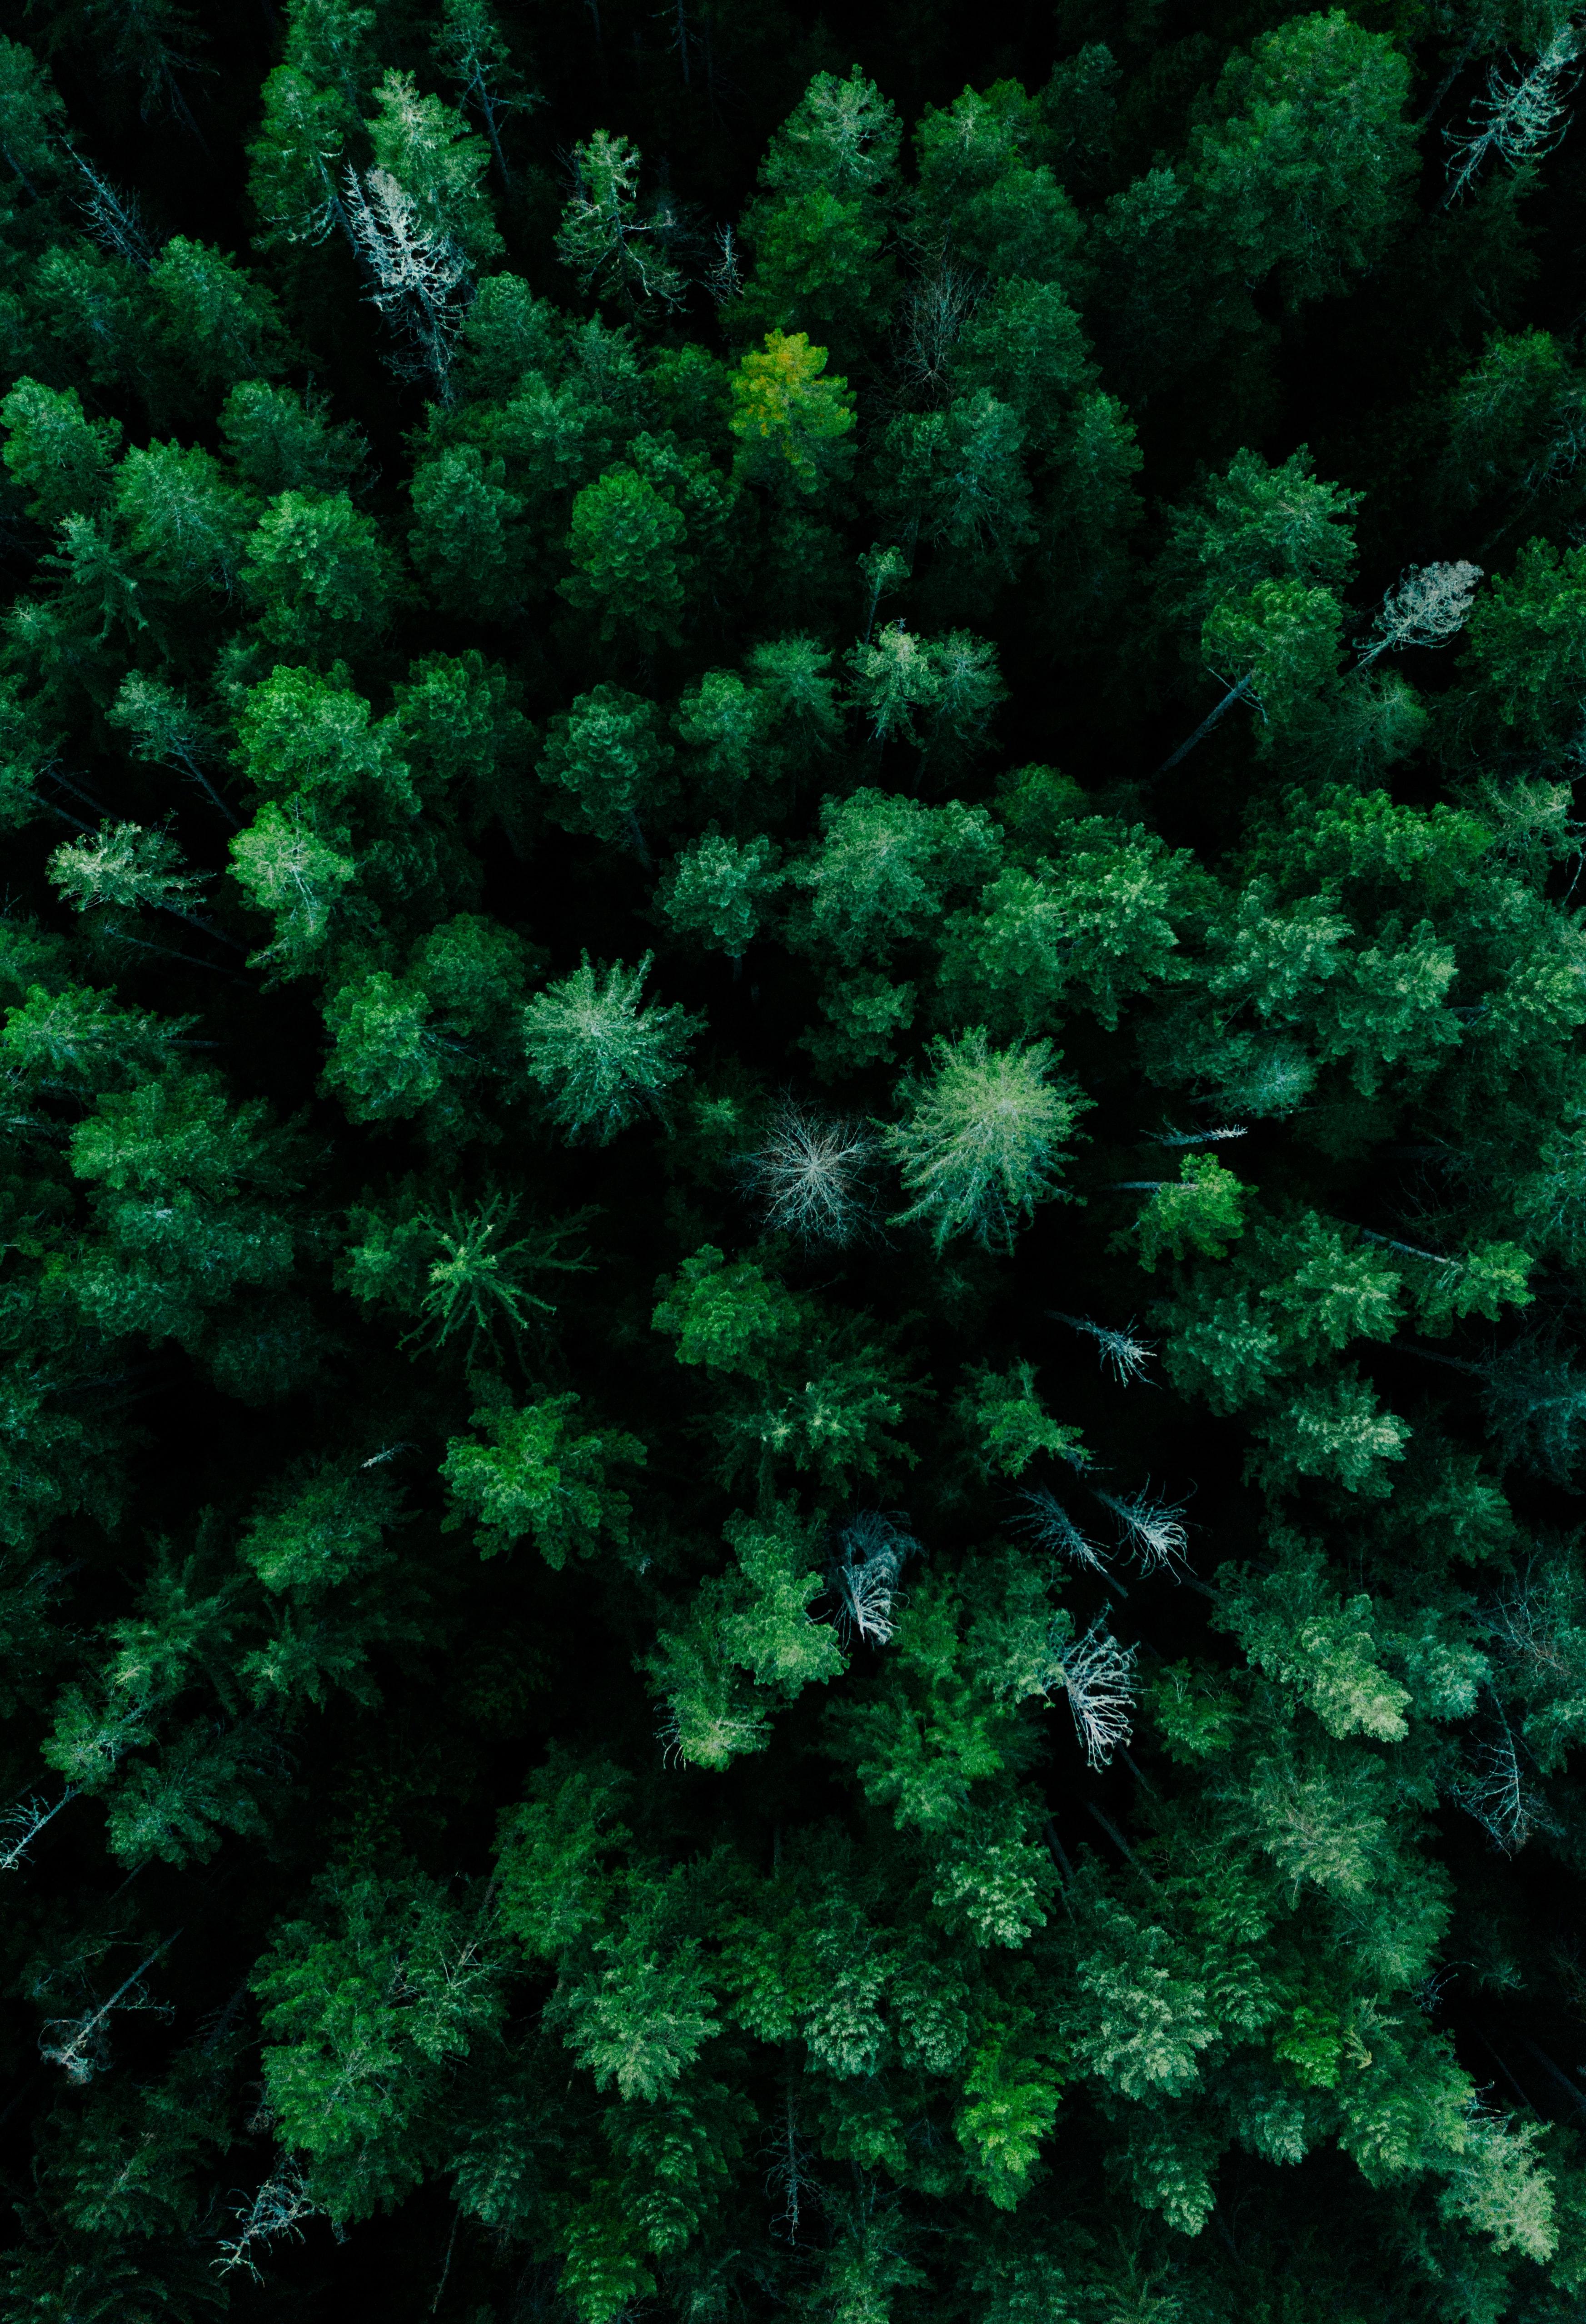 免費壁紙64748:性质, 森林, 从上面看, 顶视图, 树, 绿色的, 最高额, 顶部 下載手機圖片